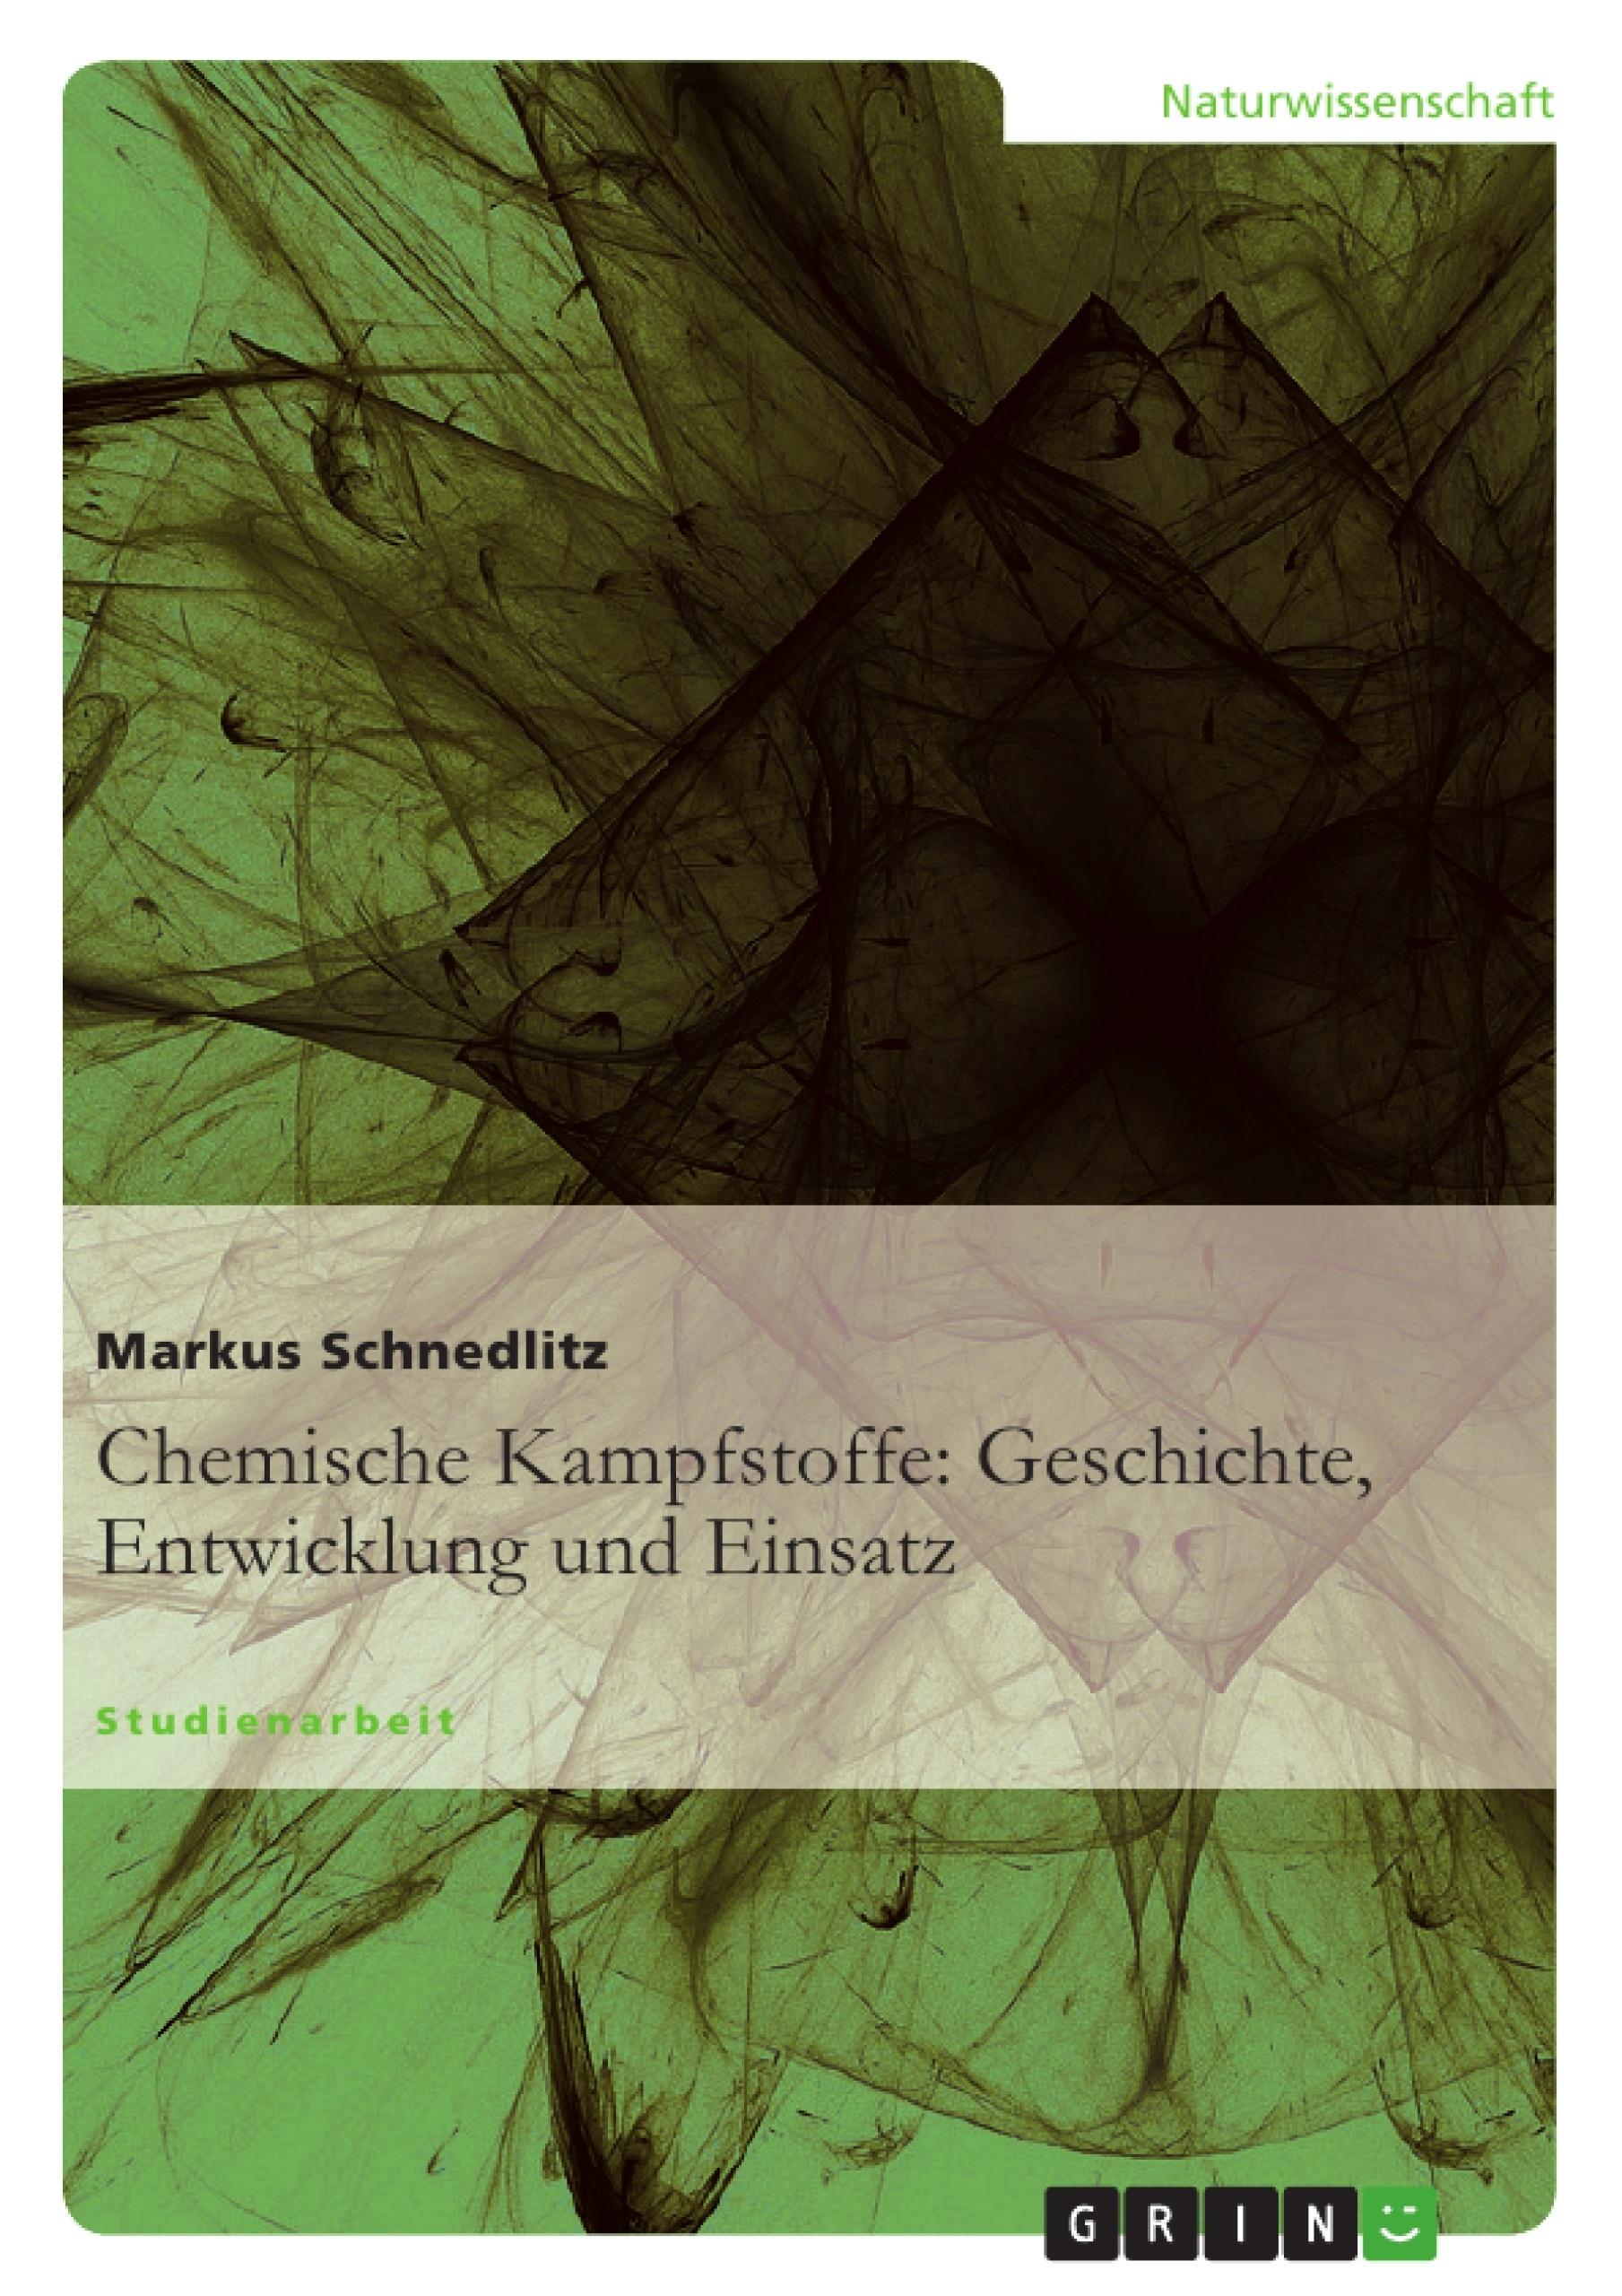 Titel: Chemische Kampfstoffe: Geschichte, Entwicklung und Einsatz